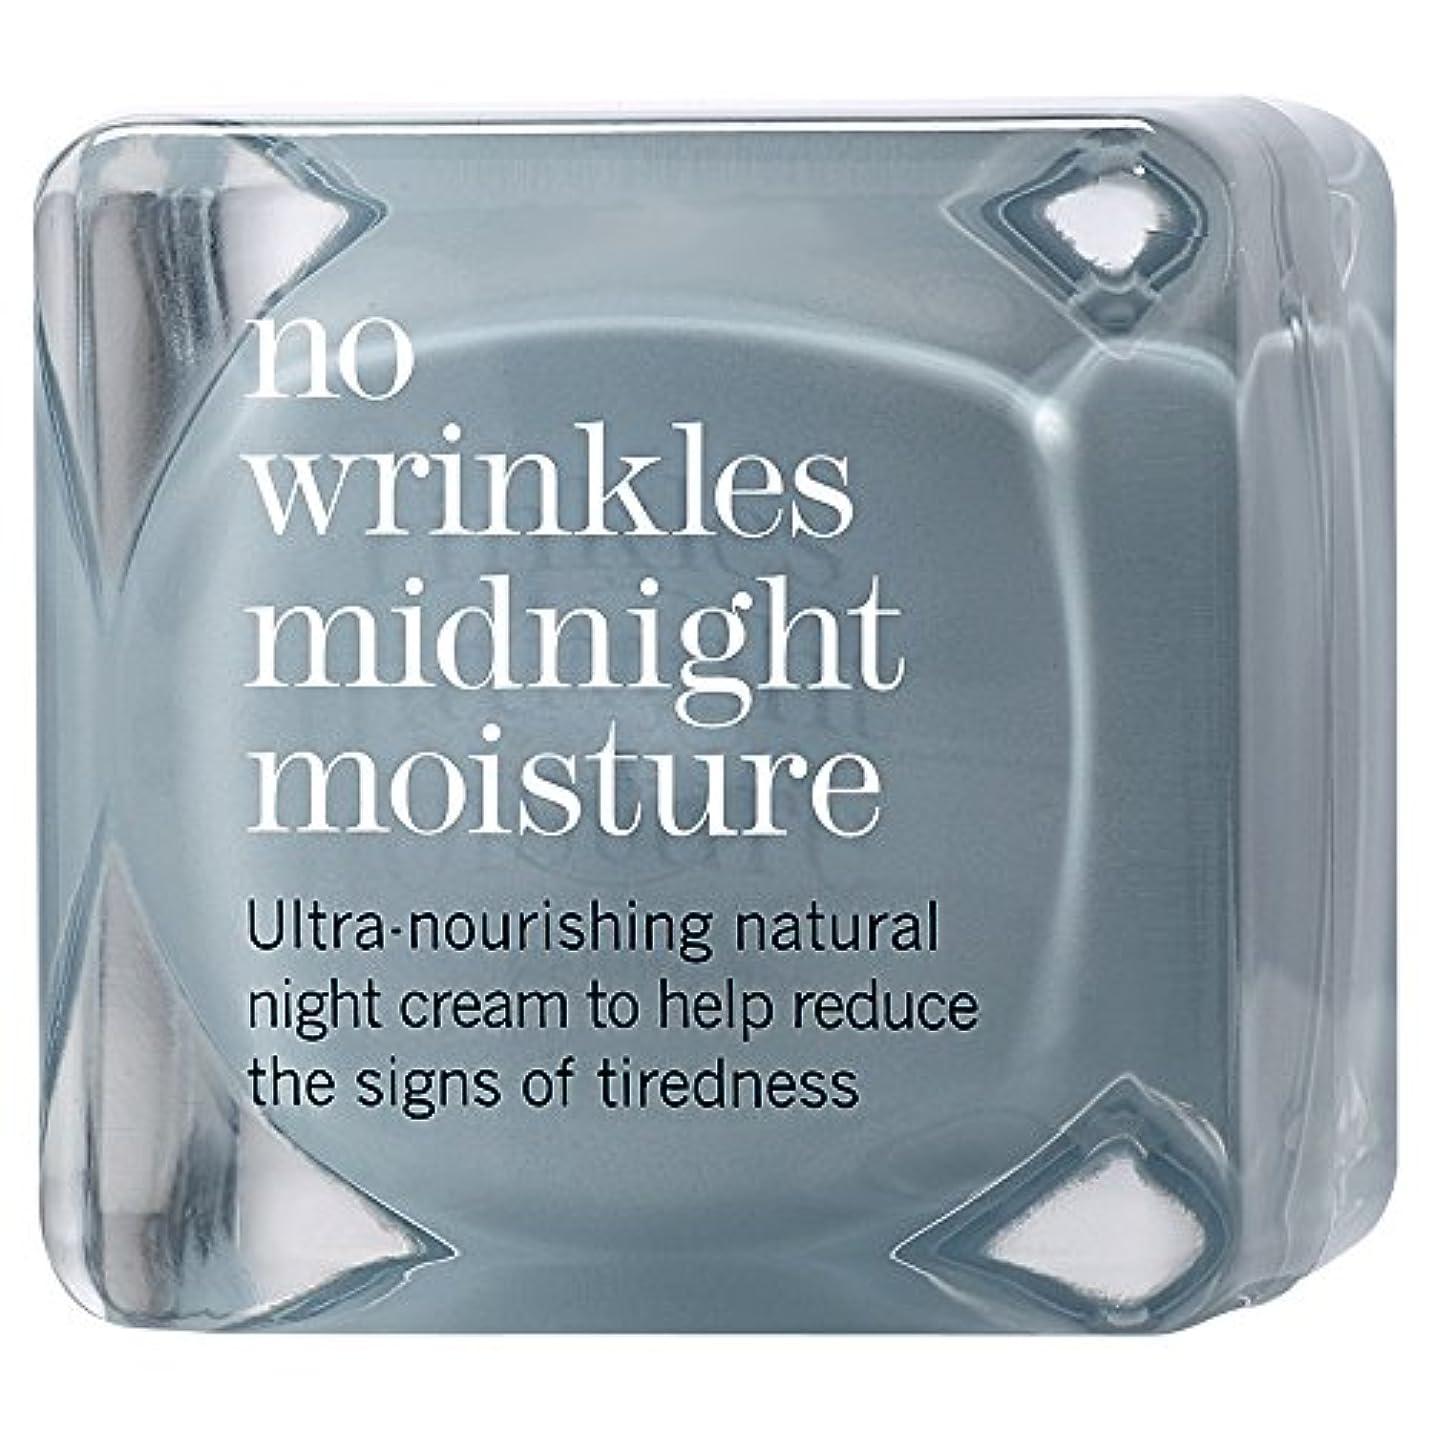 専制浴できたこれにはしわ真夜中の水分48ミリリットルの作品はありません (This Works) (x2) - This Works No Wrinkles Midnight Moisture 48ml (Pack of 2) [並行輸入品]